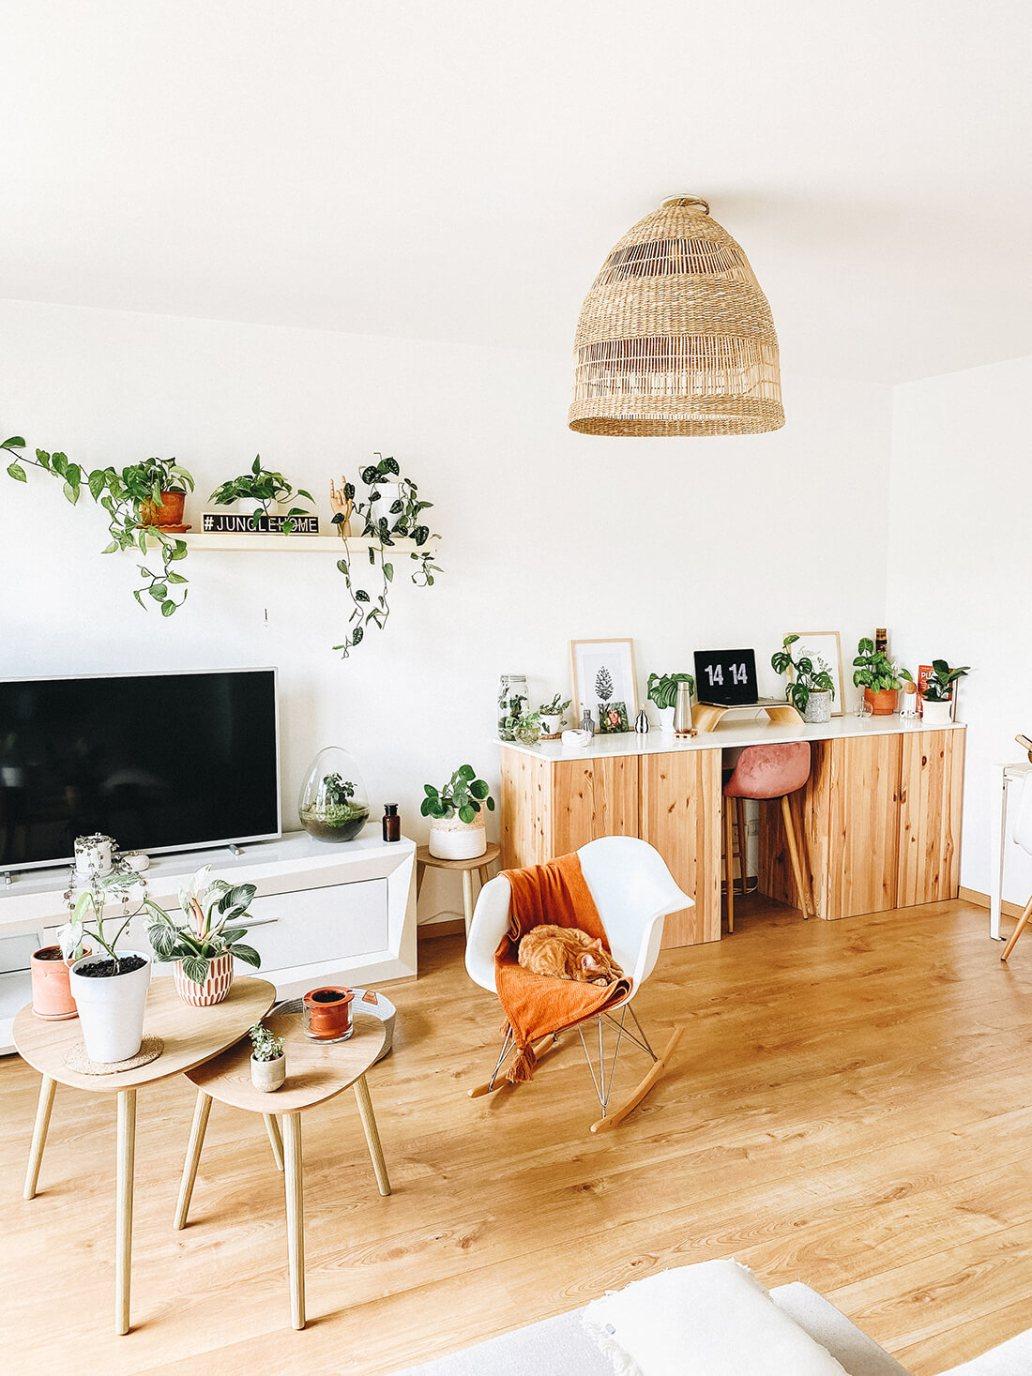 marmille home 2021 7 - Visite privée : découvrez l'appartement Hygge de Marmille